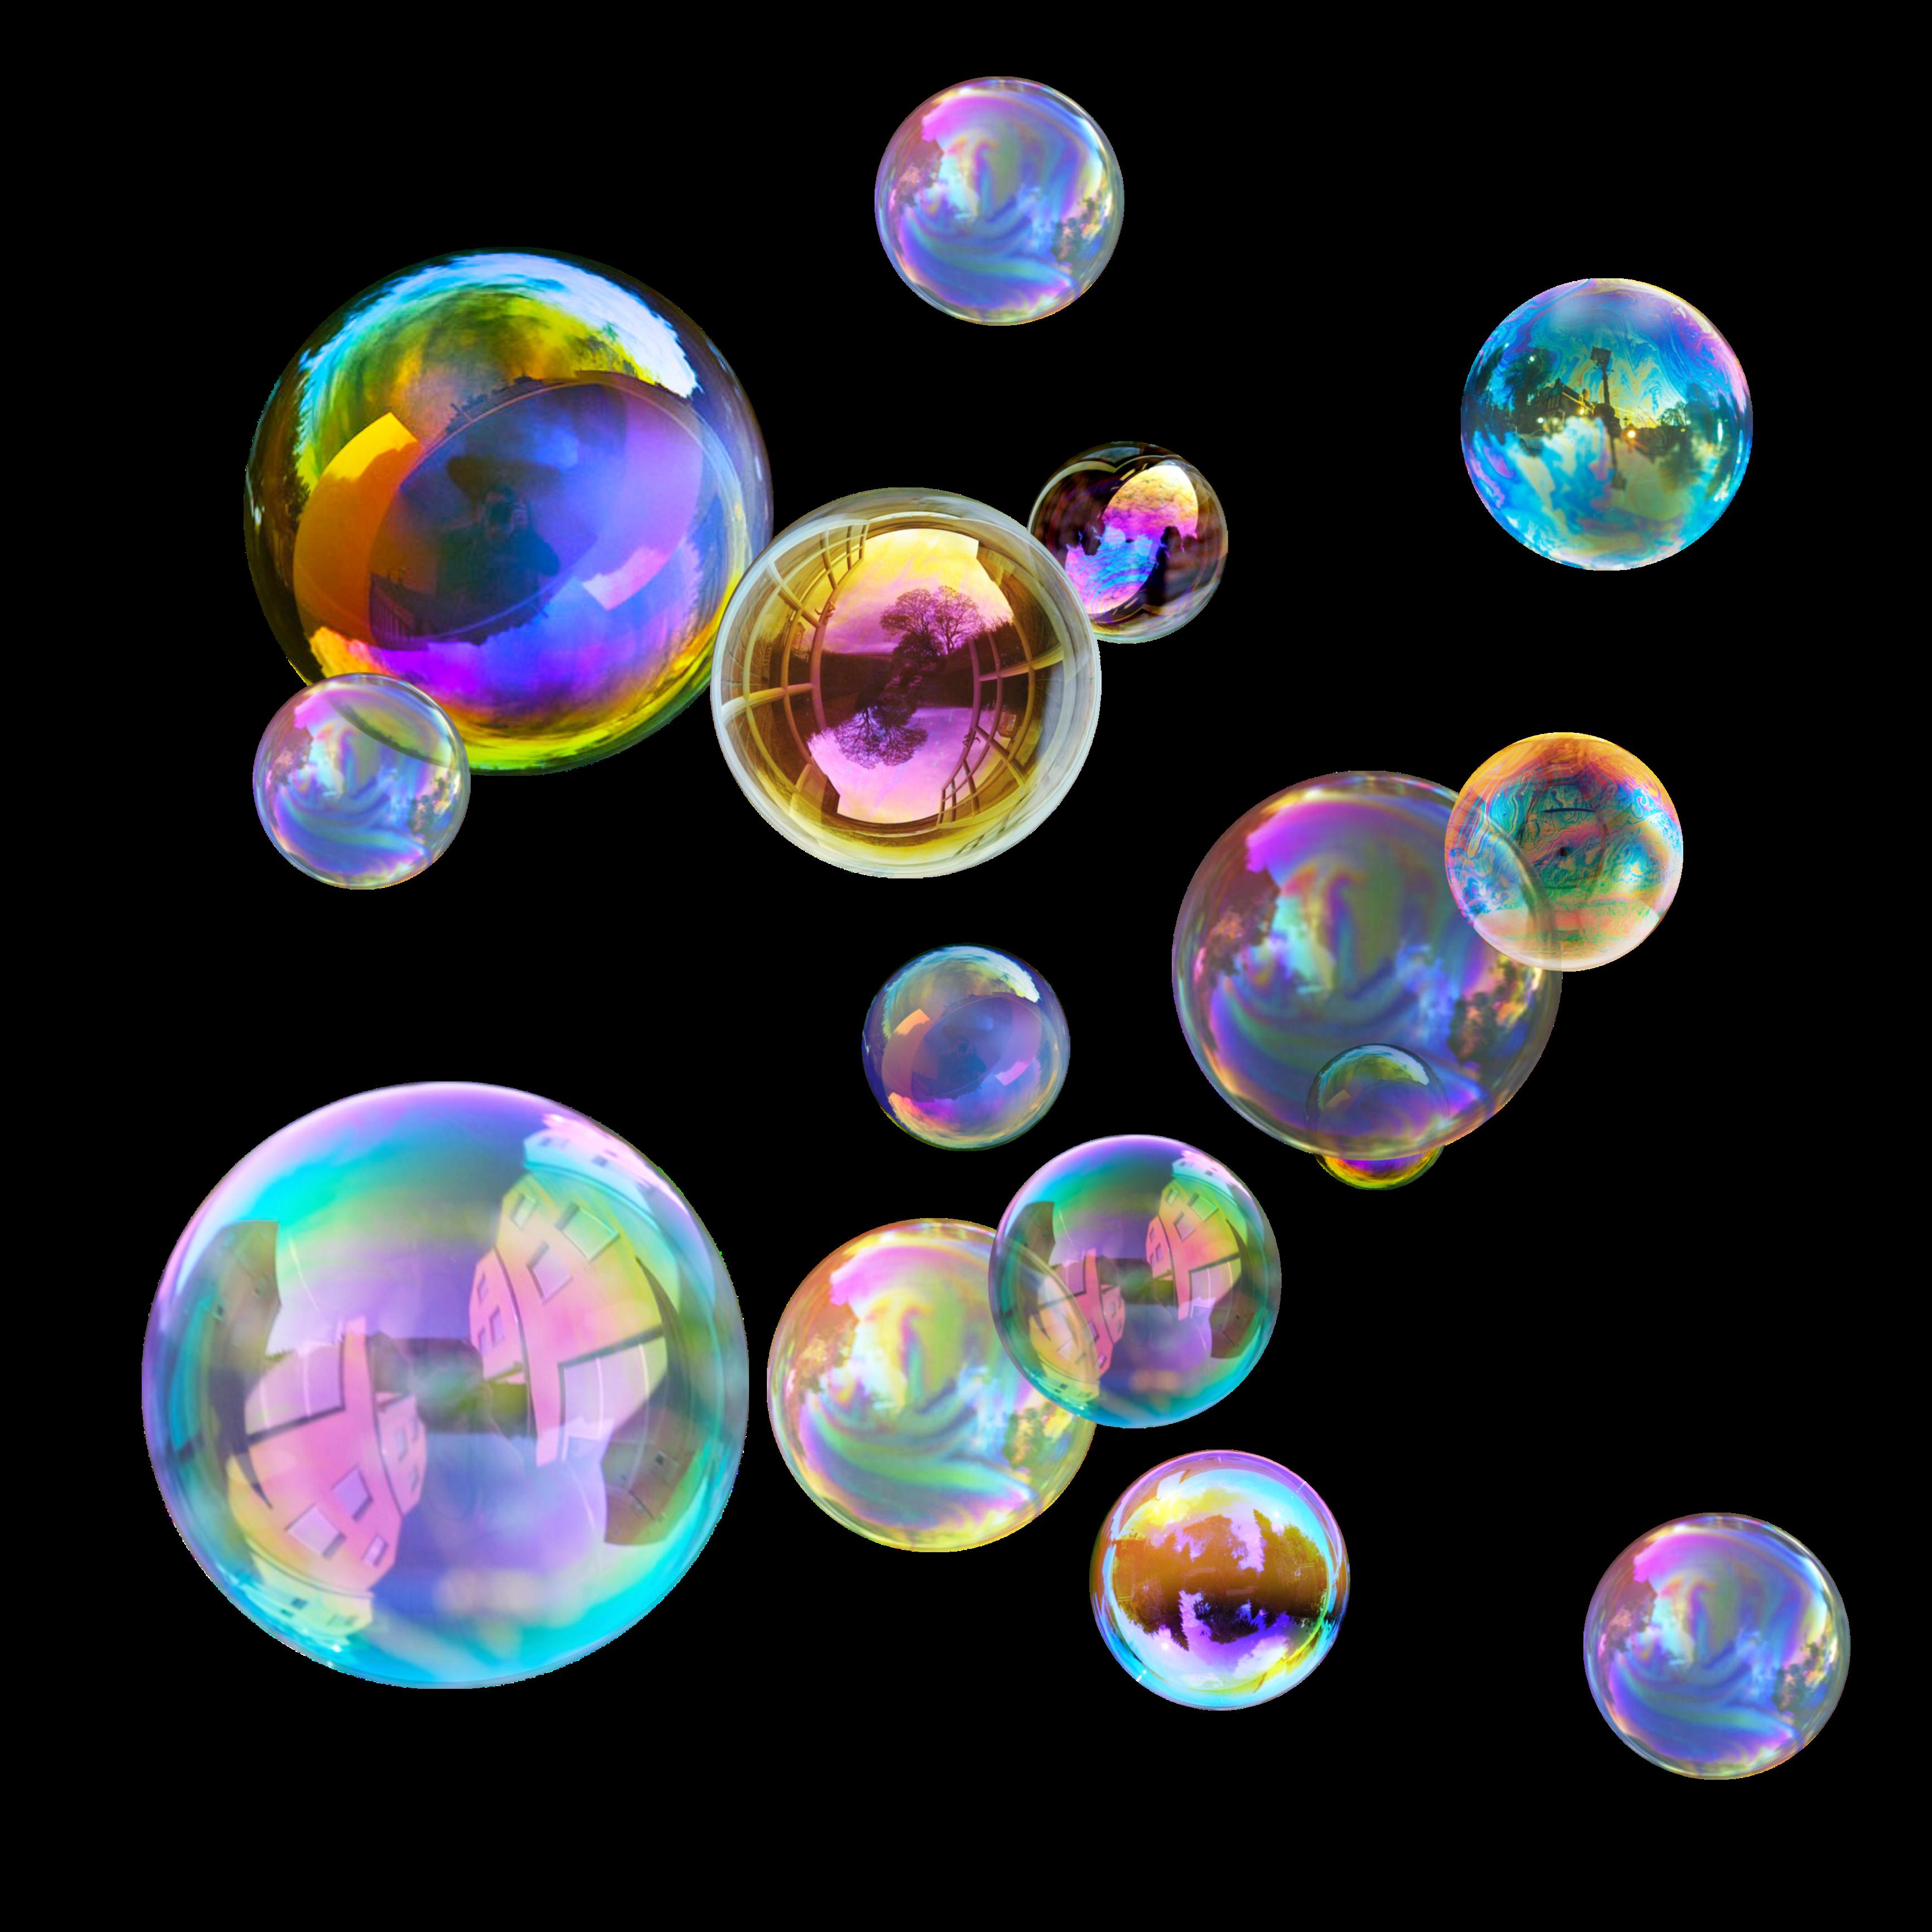 freetoedit bubbles bubble aesthetic color dream emoji...